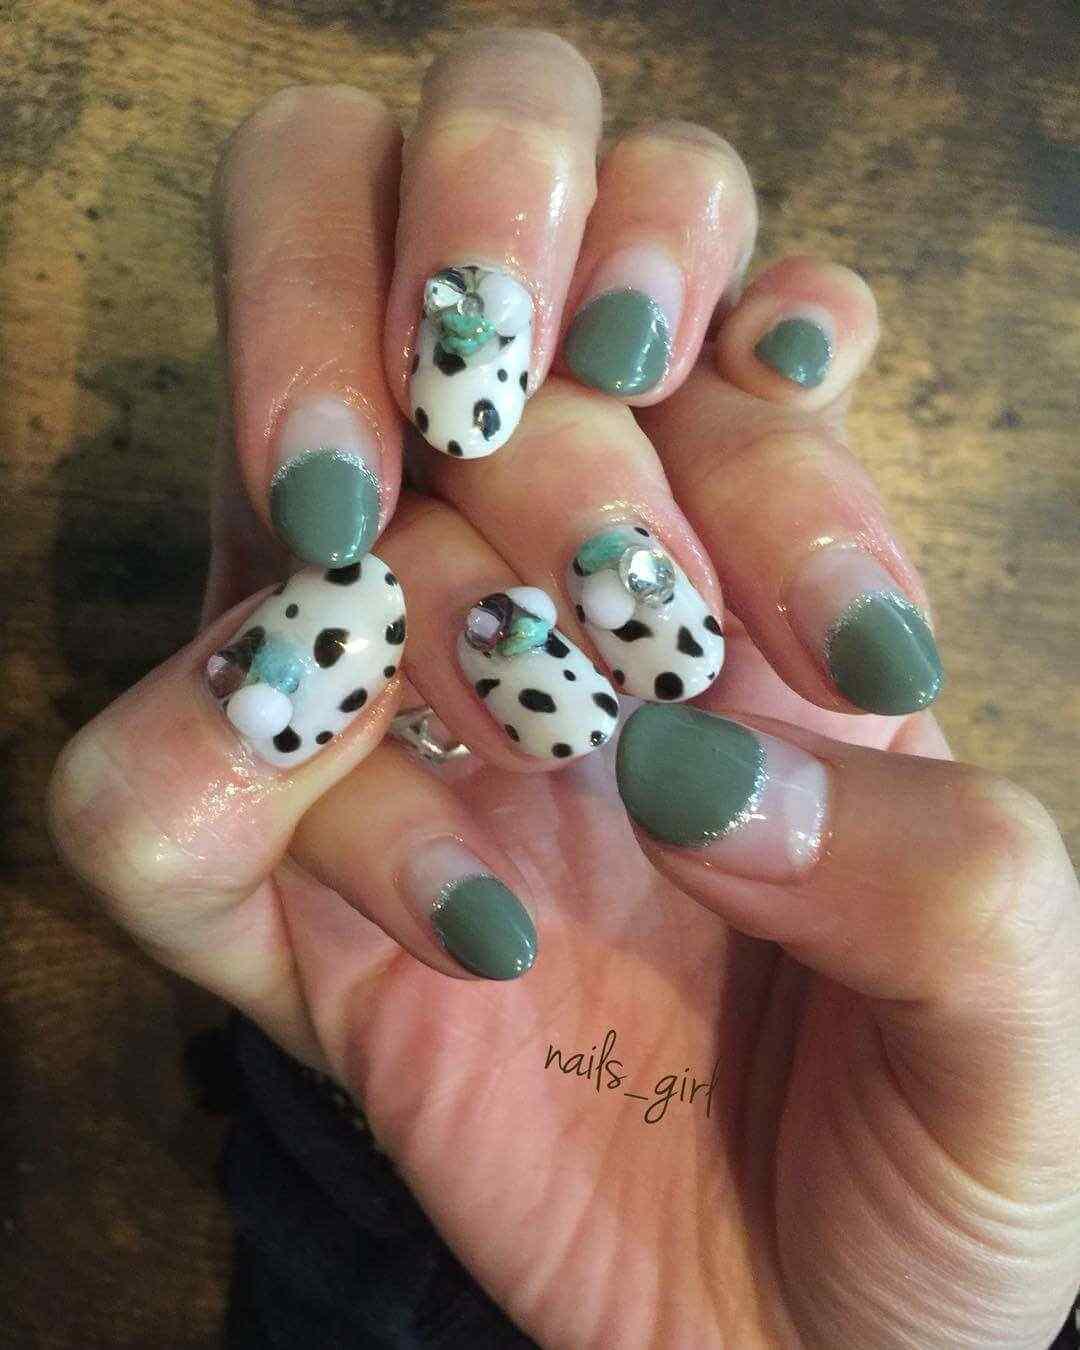 uñas de otoño verdes blancas y manchas negras